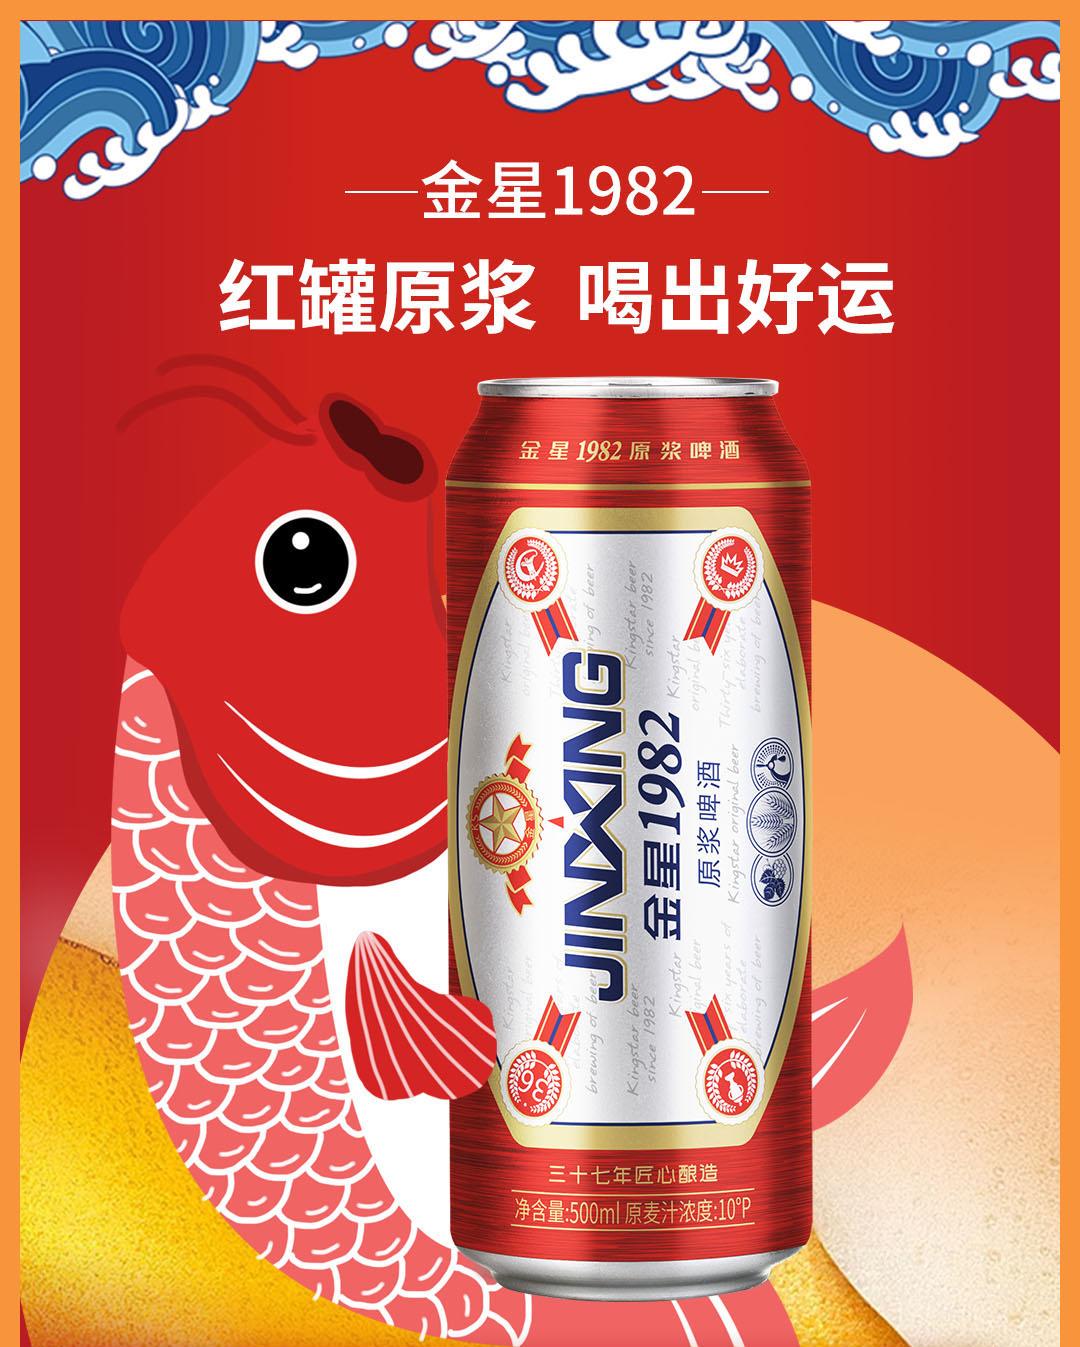 金星啤酒 10度1982原浆精酿 大红罐  500ml*12听 图1